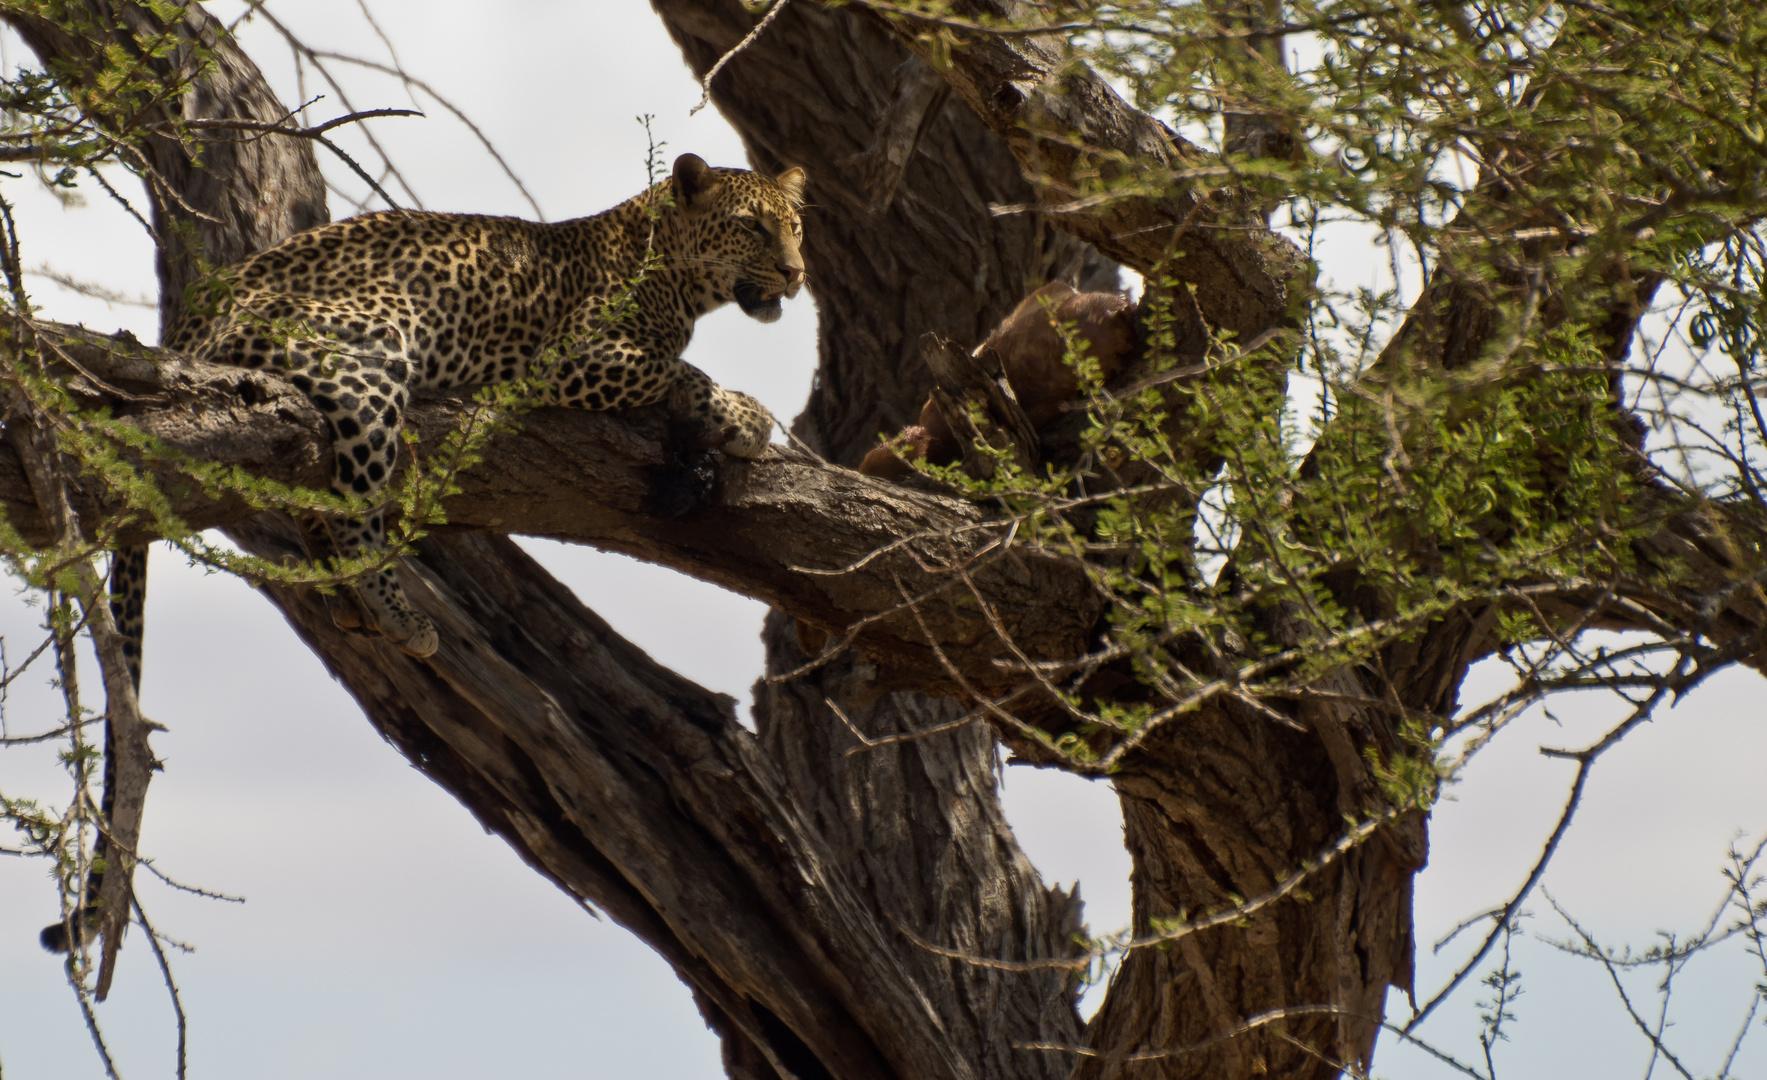 Leopard mit seiner Lieblingsgazelle im Baum